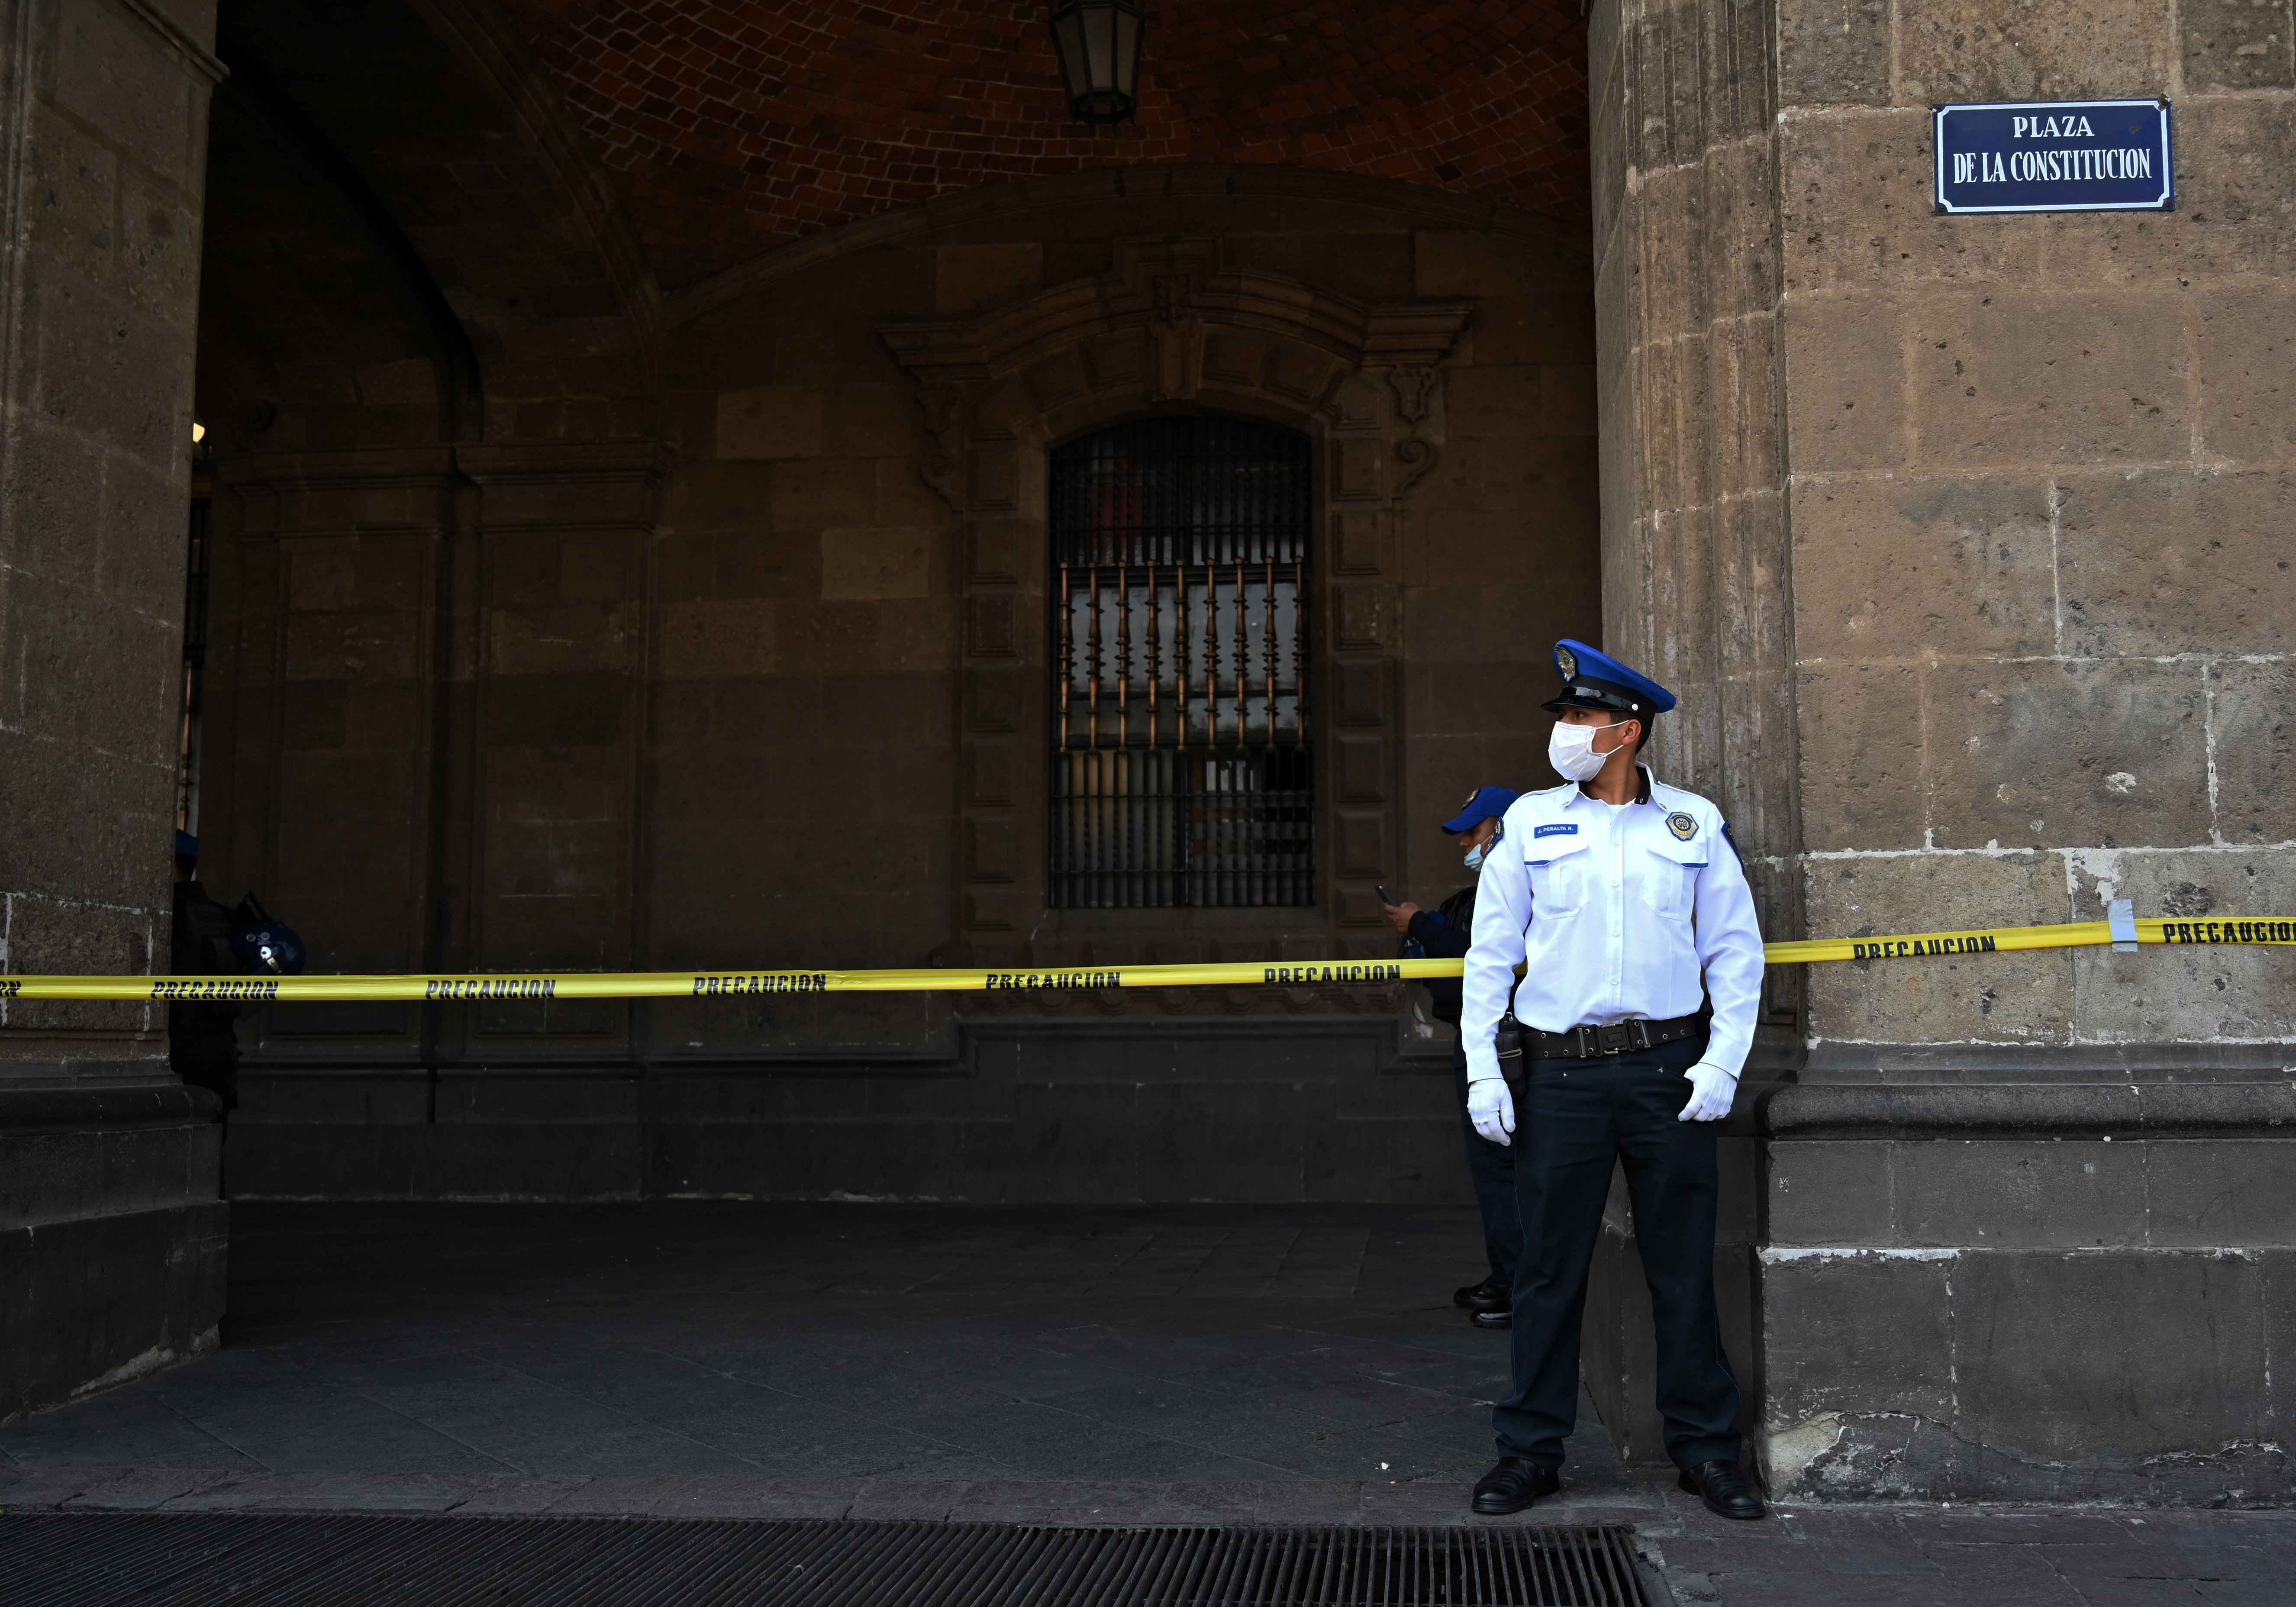 Un oficial de policía hace guardia en la plaza Zócalo en la Ciudad de México el 31 de marzo de 2020 durante la nueva pandemia de coronavirus, COVID-19.